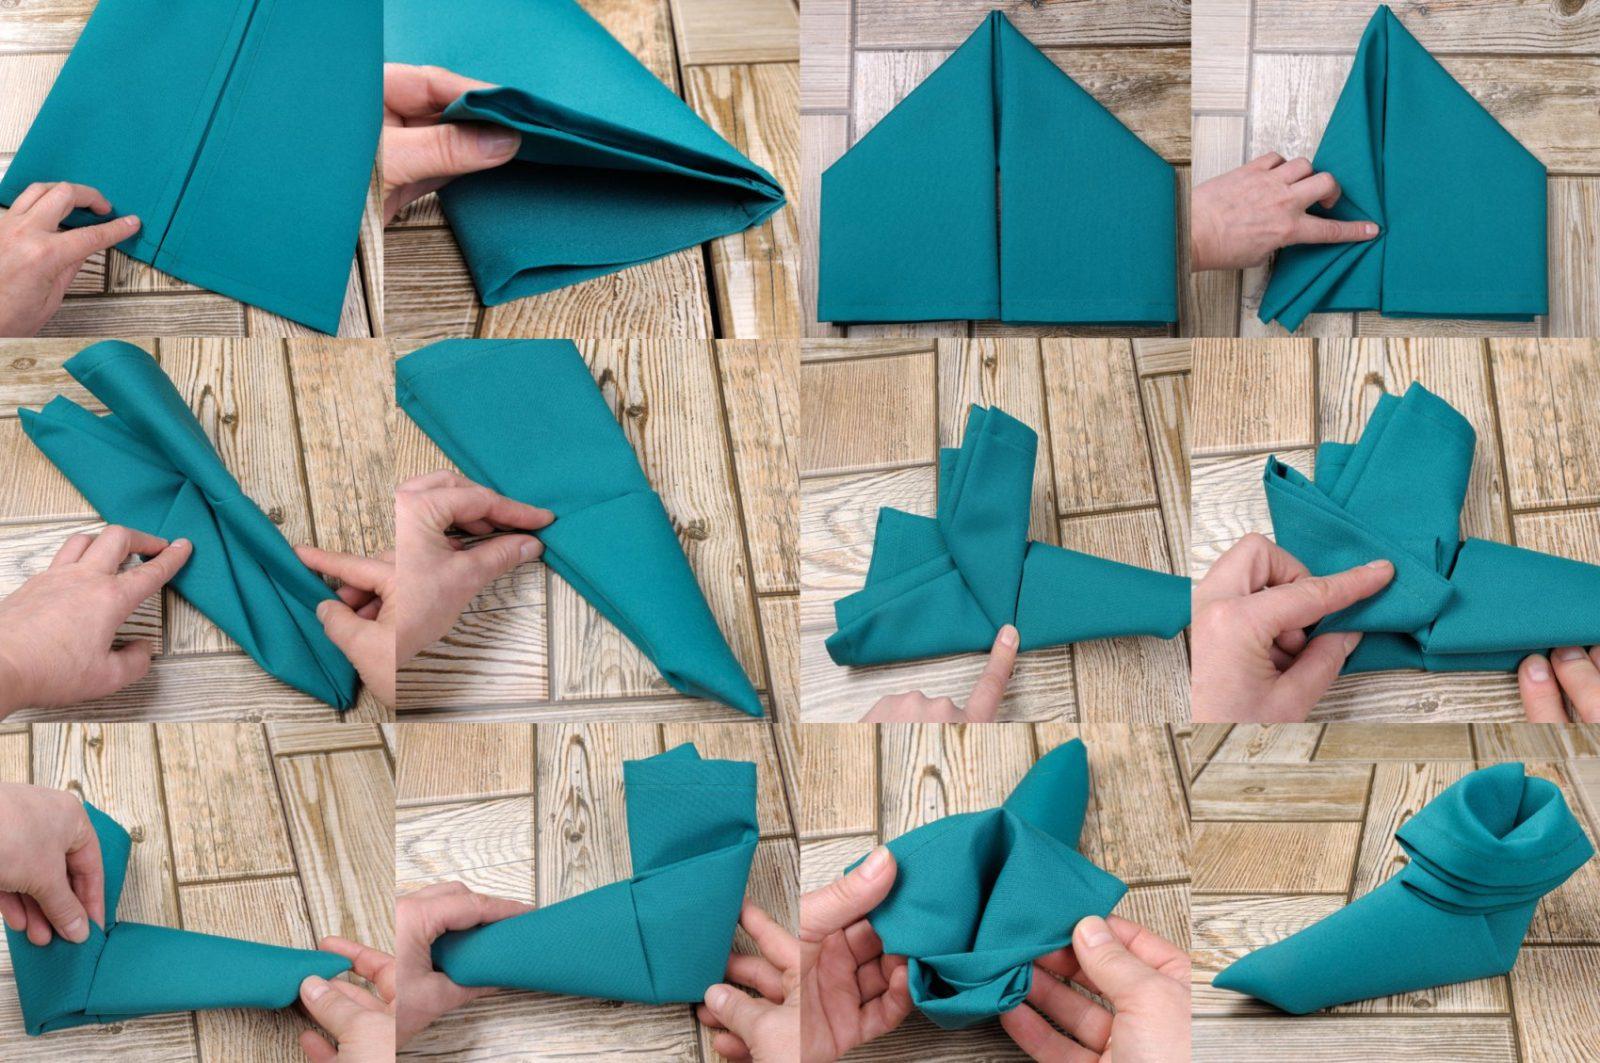 Servietten Einfach Falten Mit Schrittfürschrittanleitung von Servietten Falten Fächer Anleitung Bild